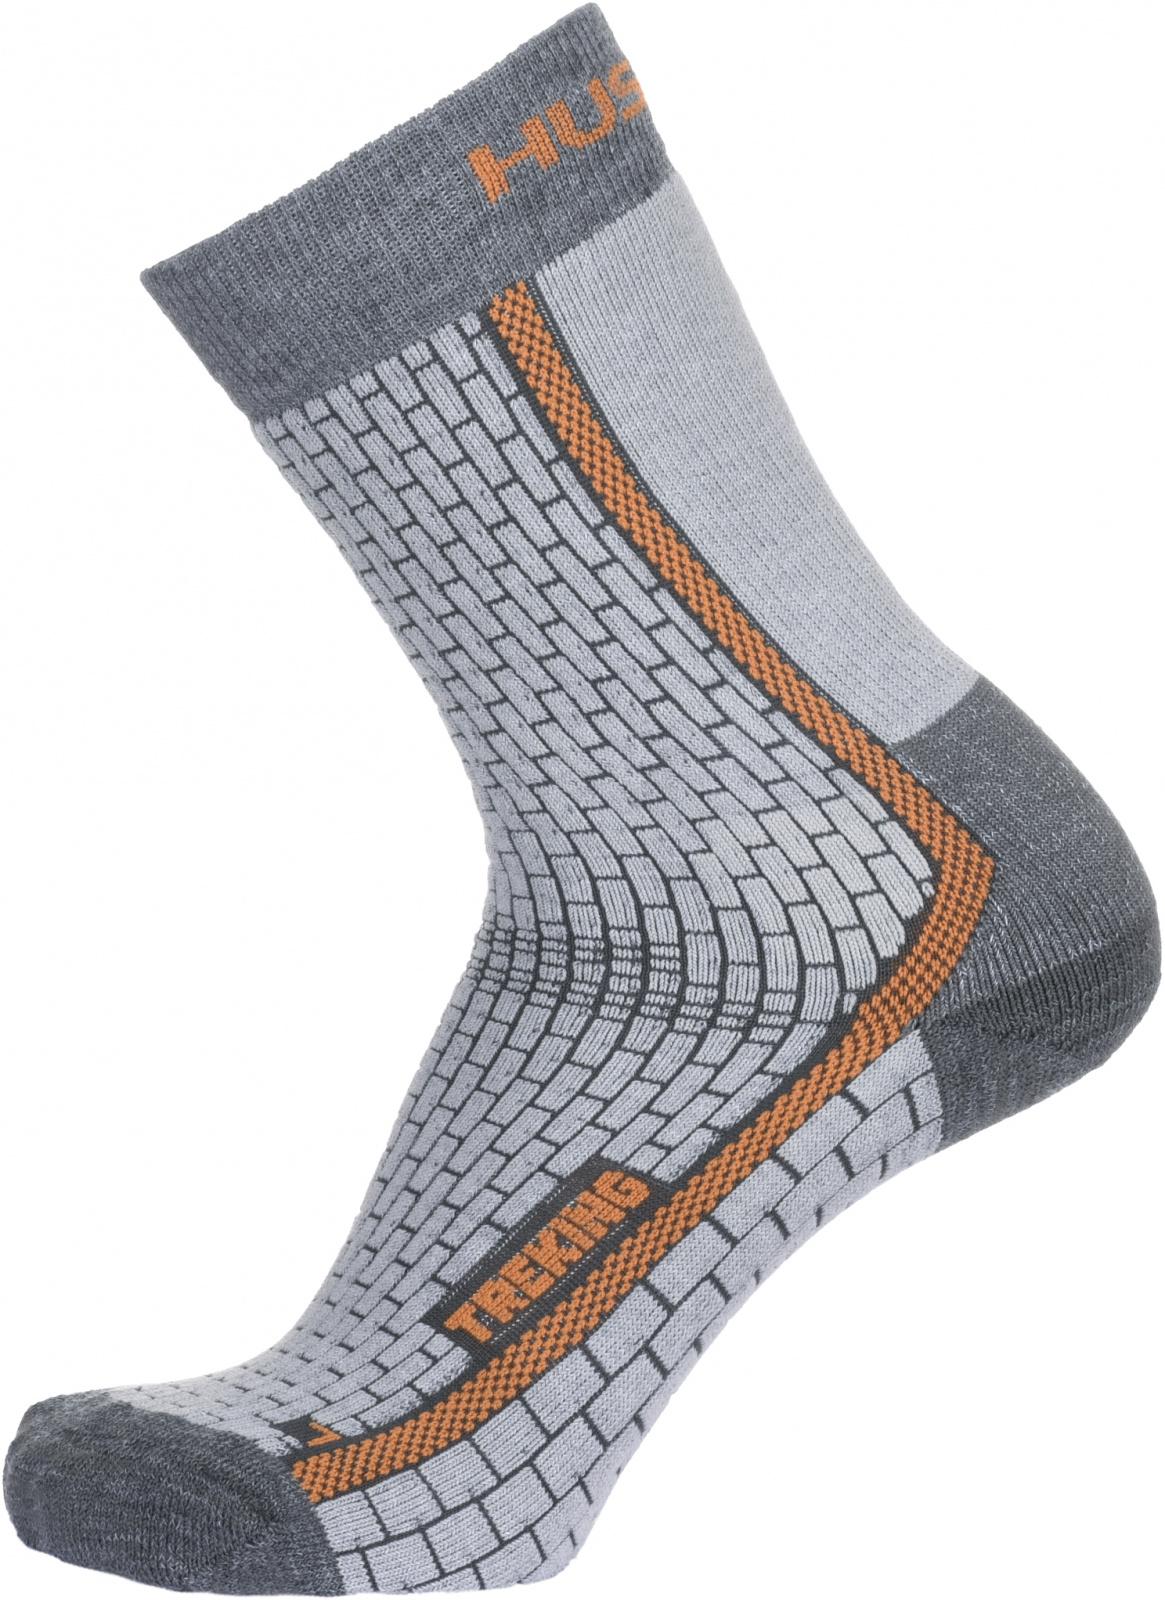 Husky Ponožky Treking šedá/oranžová Velikost: L (41-44) ponožky